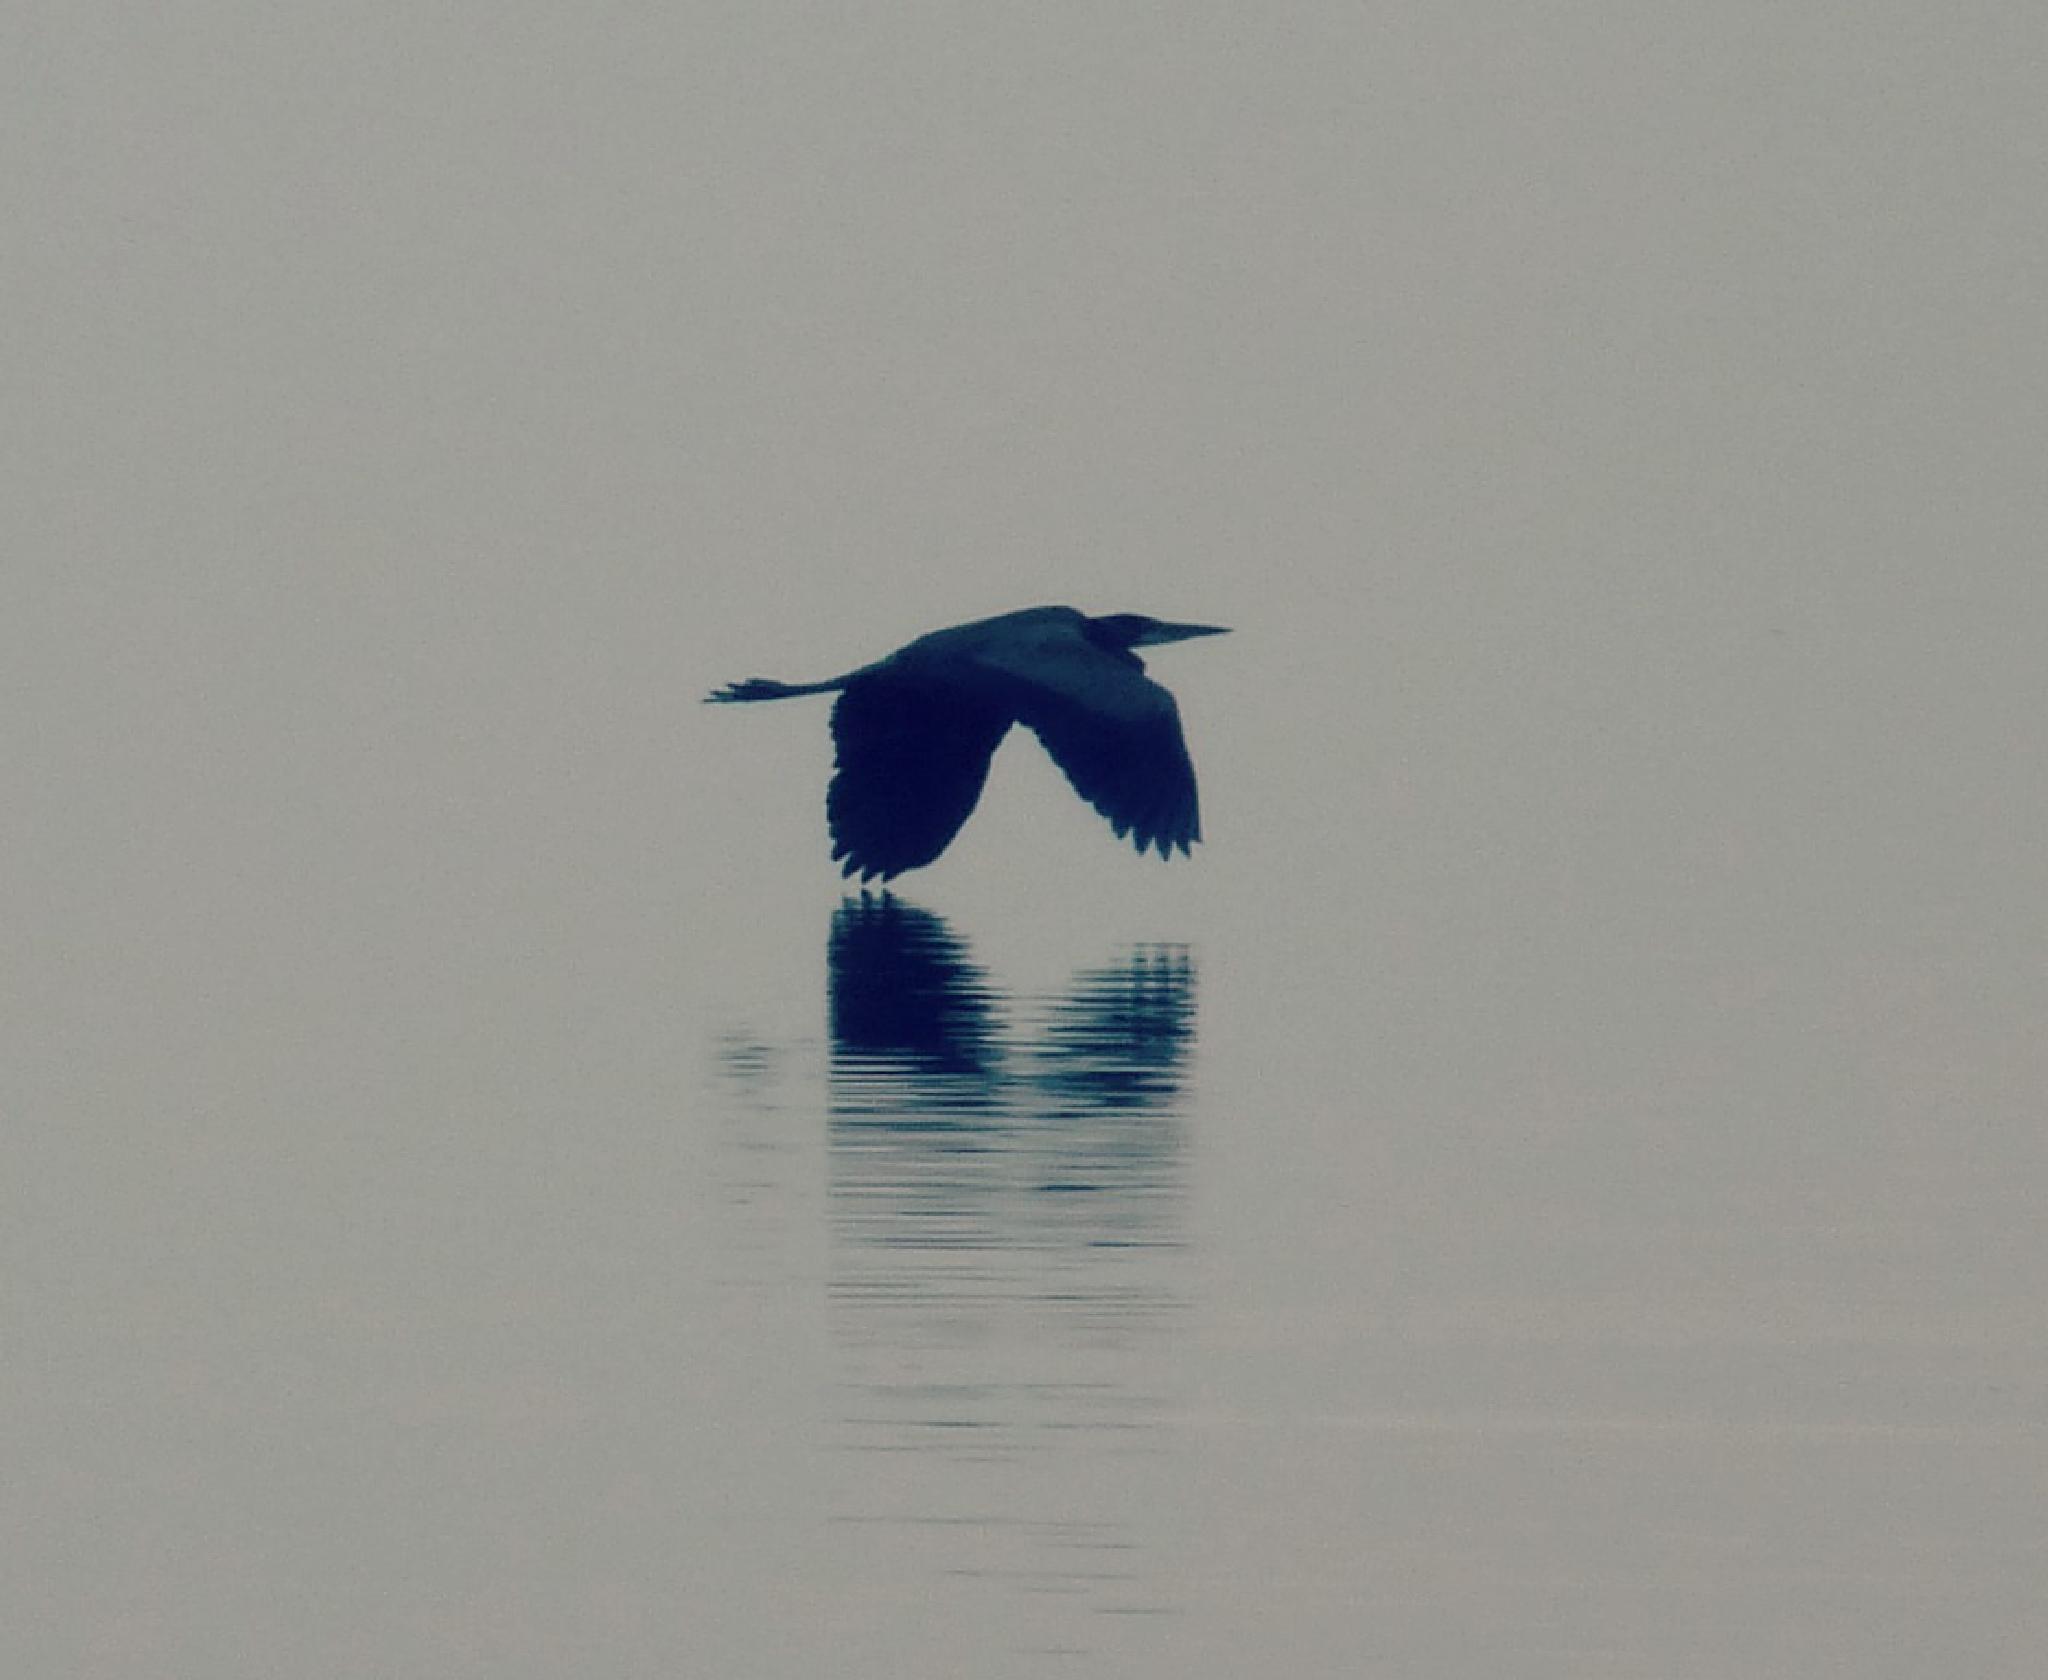 waterfowl by laurabond.shinn